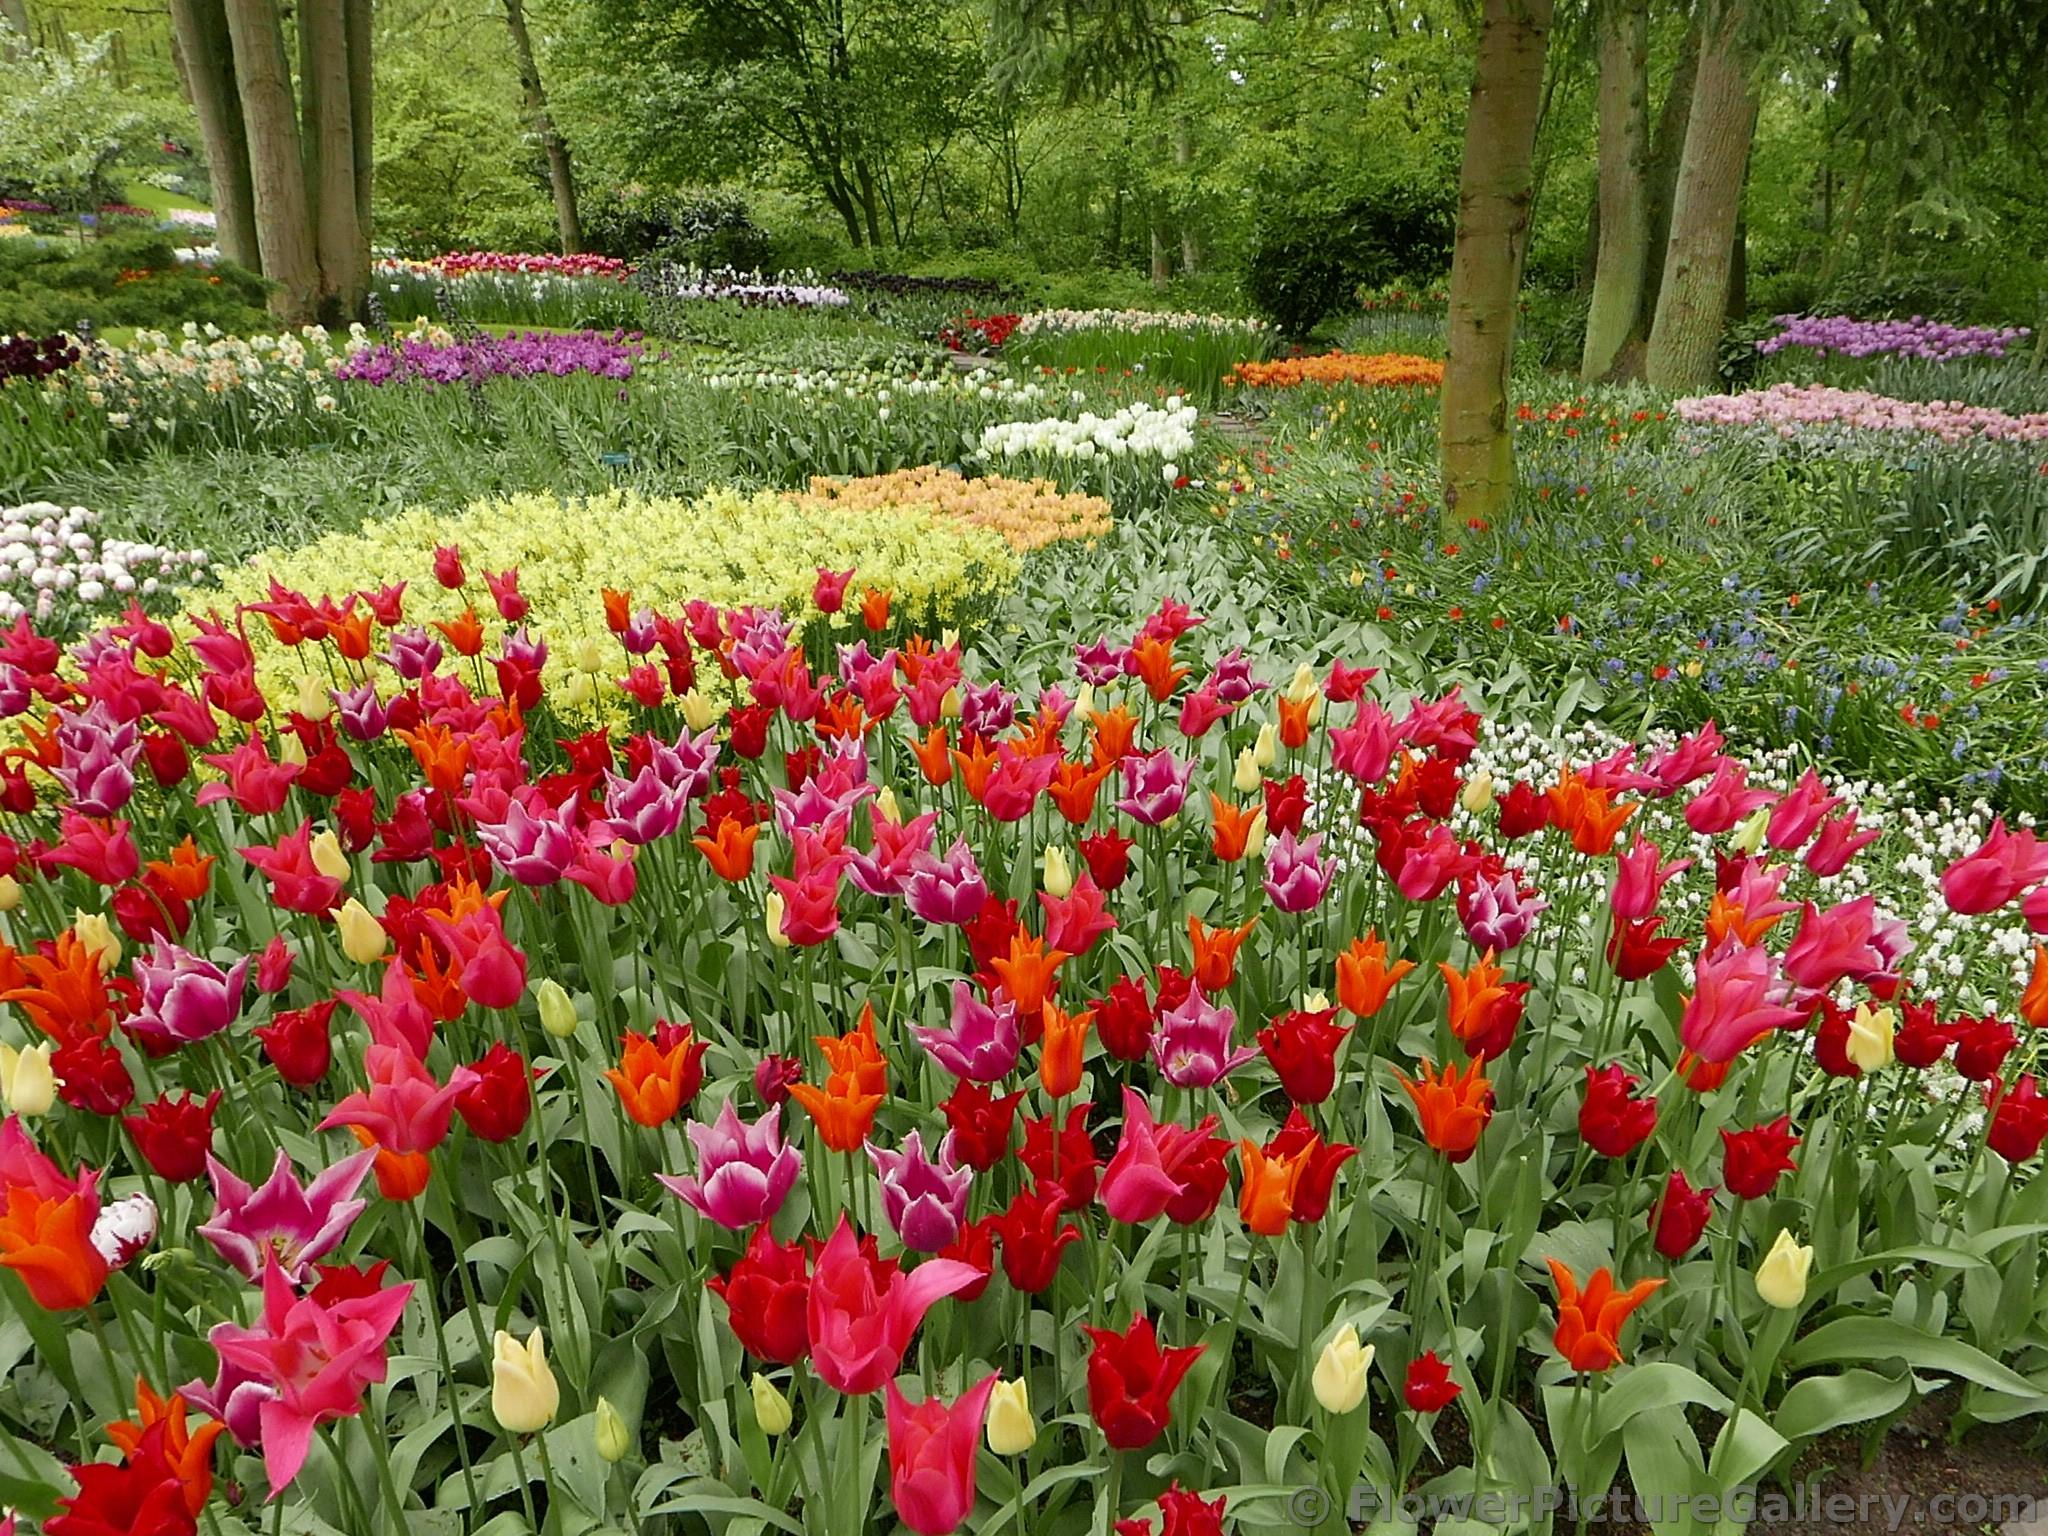 West Side Community Gardens 2021 Tulip Festival - N.Y